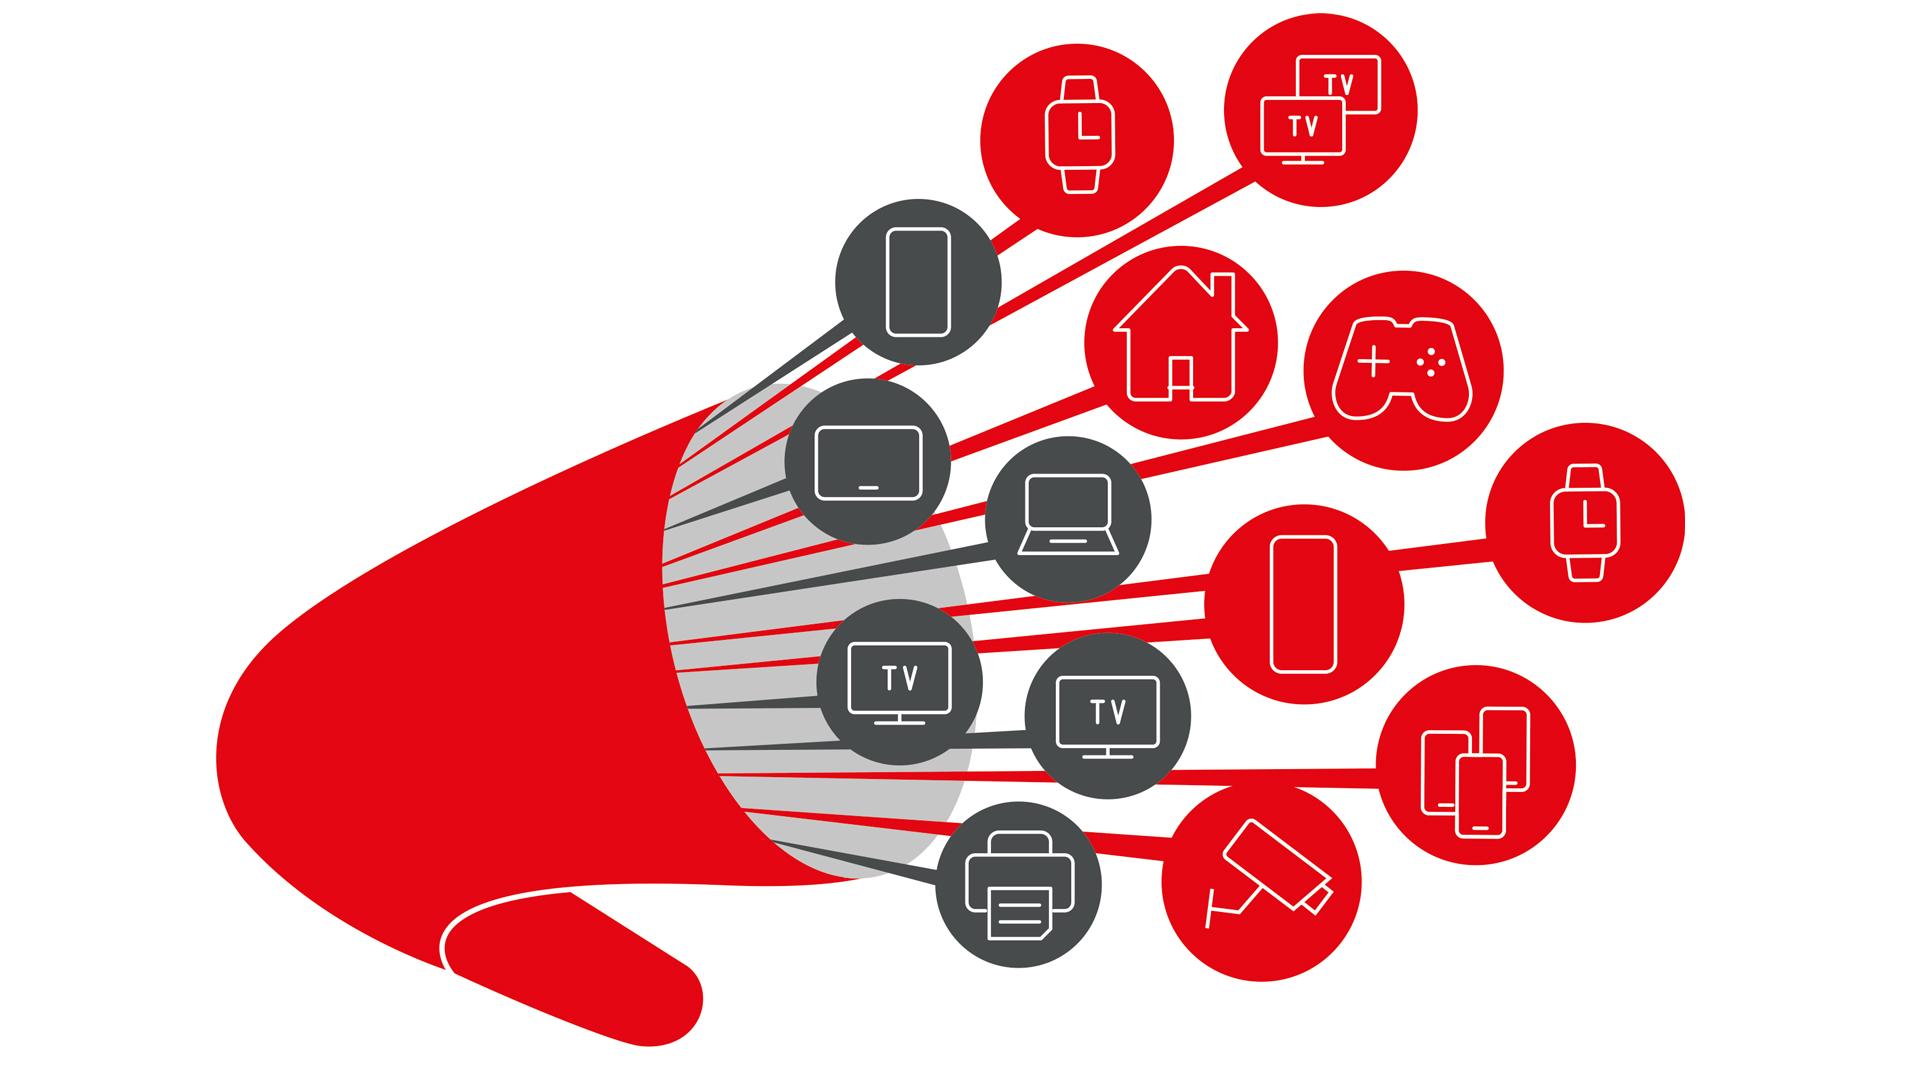 Aus einem roten Horn fließen verschiedene Symbole, die Elektrogeräte und Technologien zeigen. Sie alle können mit Vodafone Kabel-Glasfaser parallel genutzt werden.